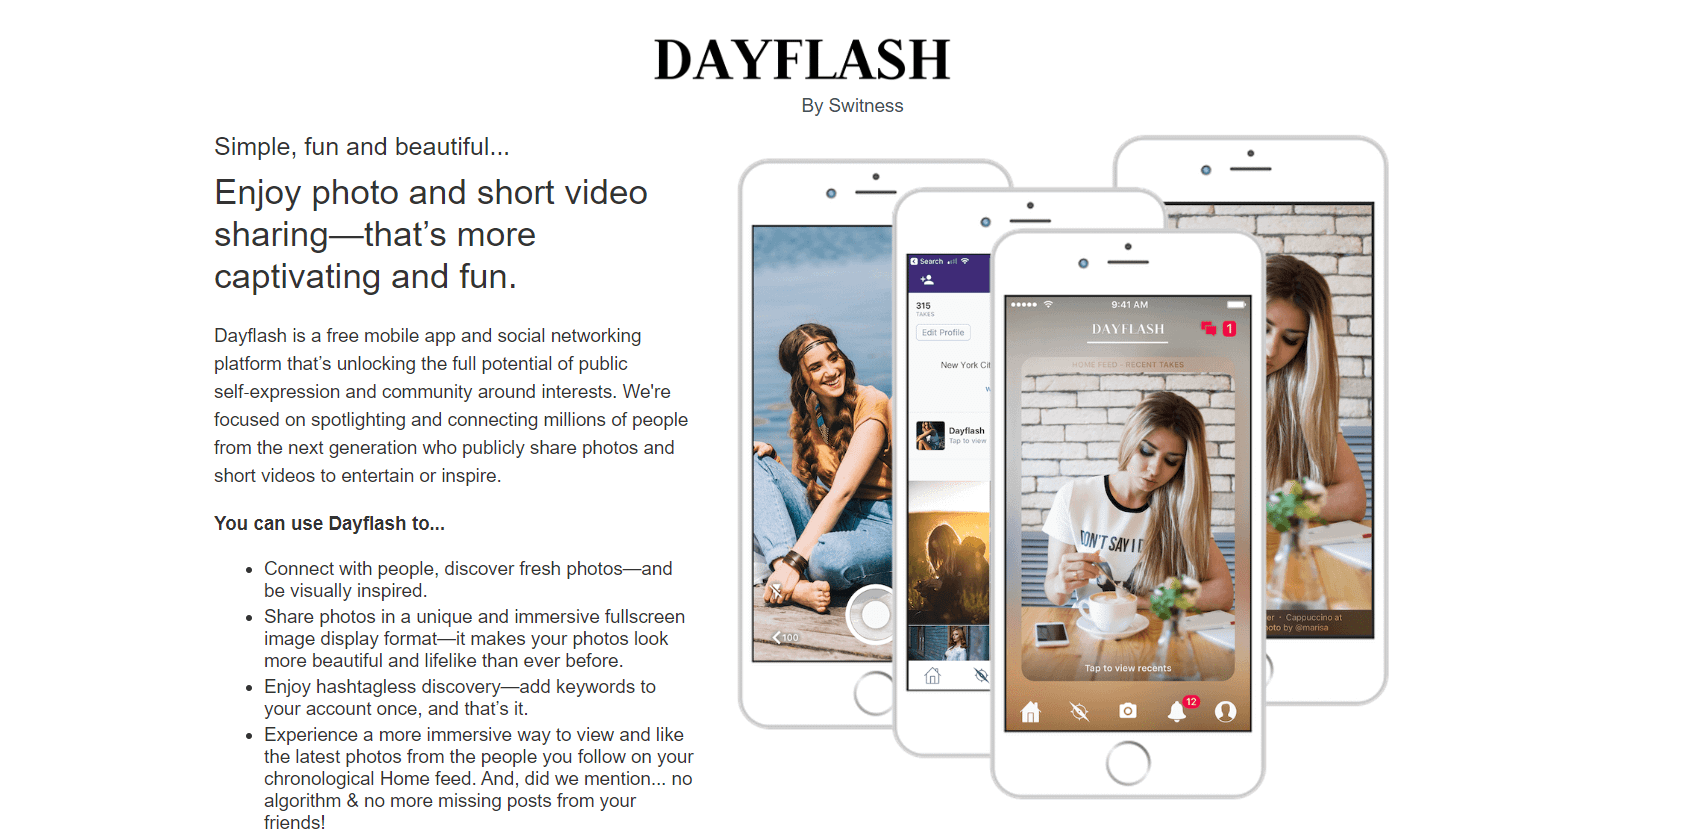 DayFlash